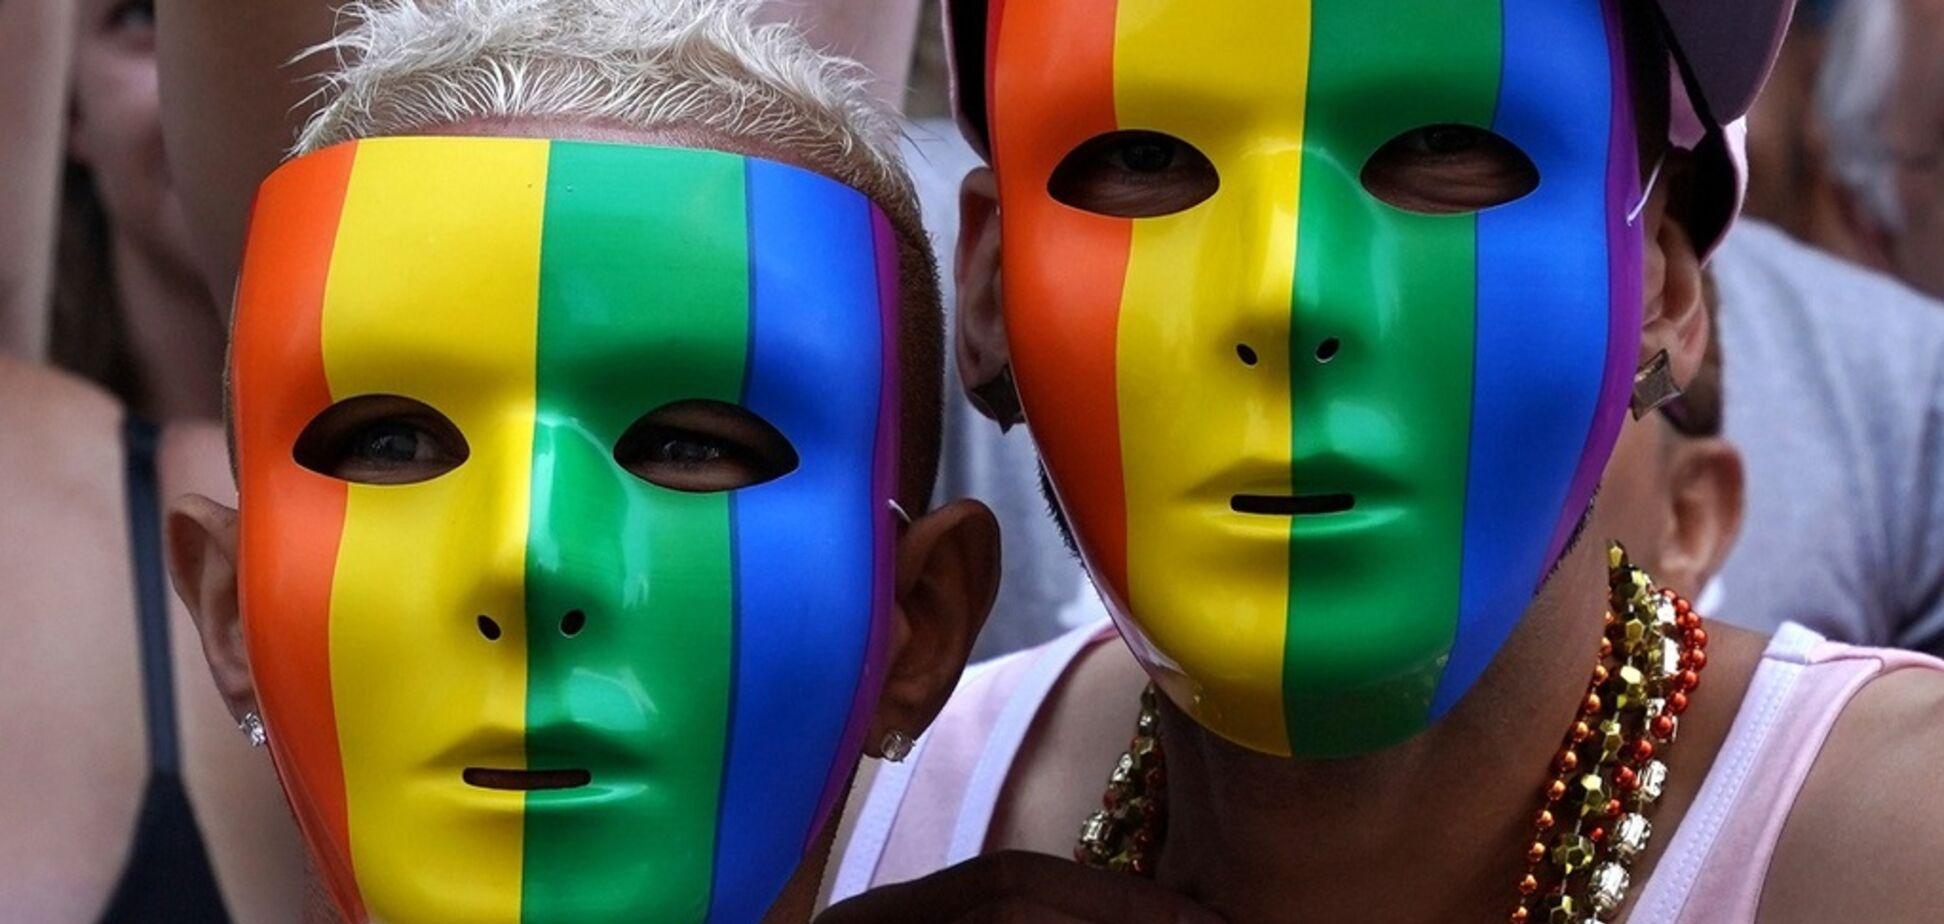 Все дело в сексе: православный епископ объяснил происхождение геев